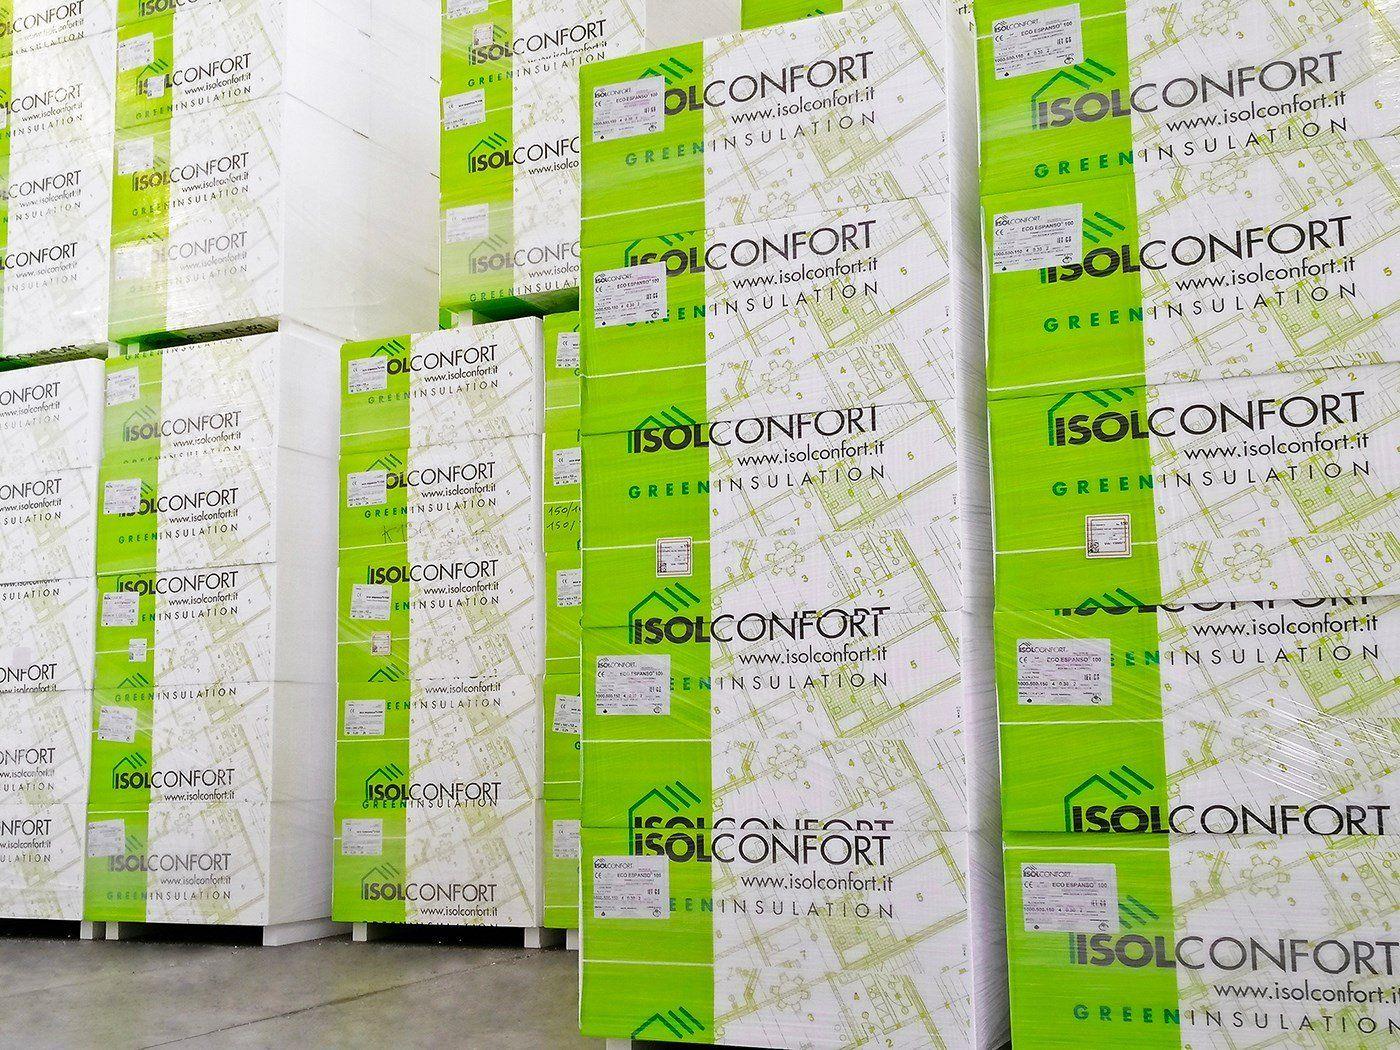 Da Isolconfort nuove lastre isolanti in polistirene certificate EPD